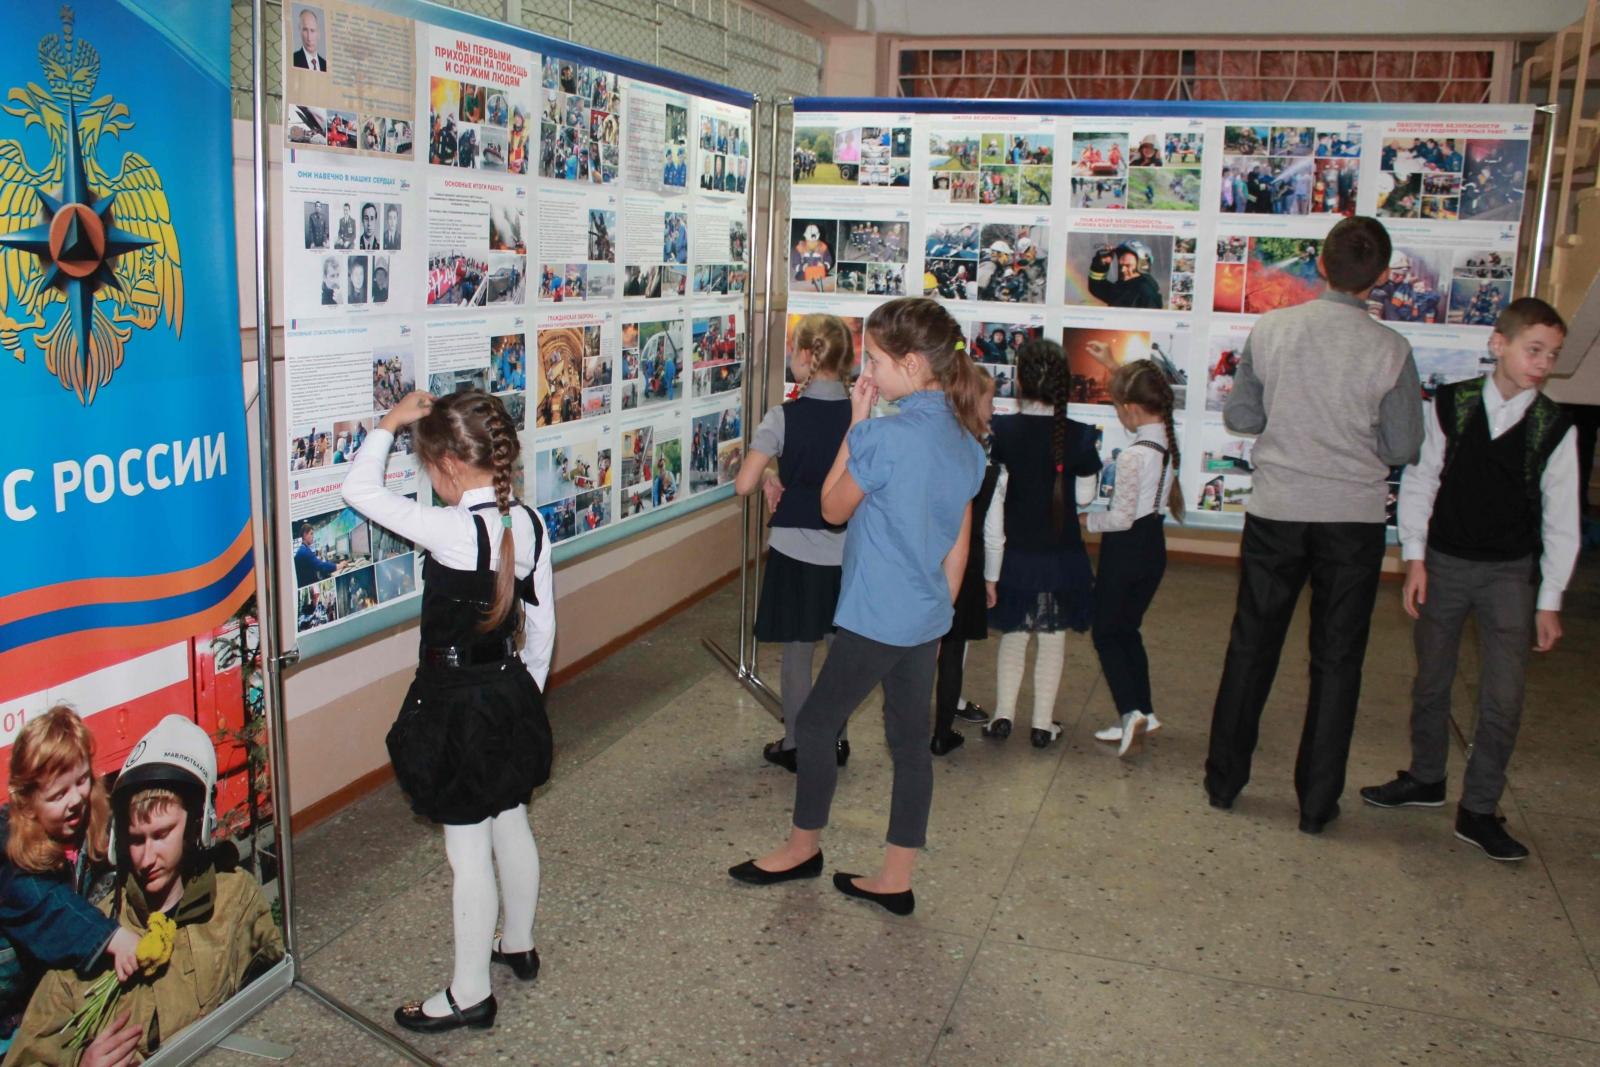 День безопасности в средней общеобразовательной школе № 33 г. Томска, 22 сентября 2015 года